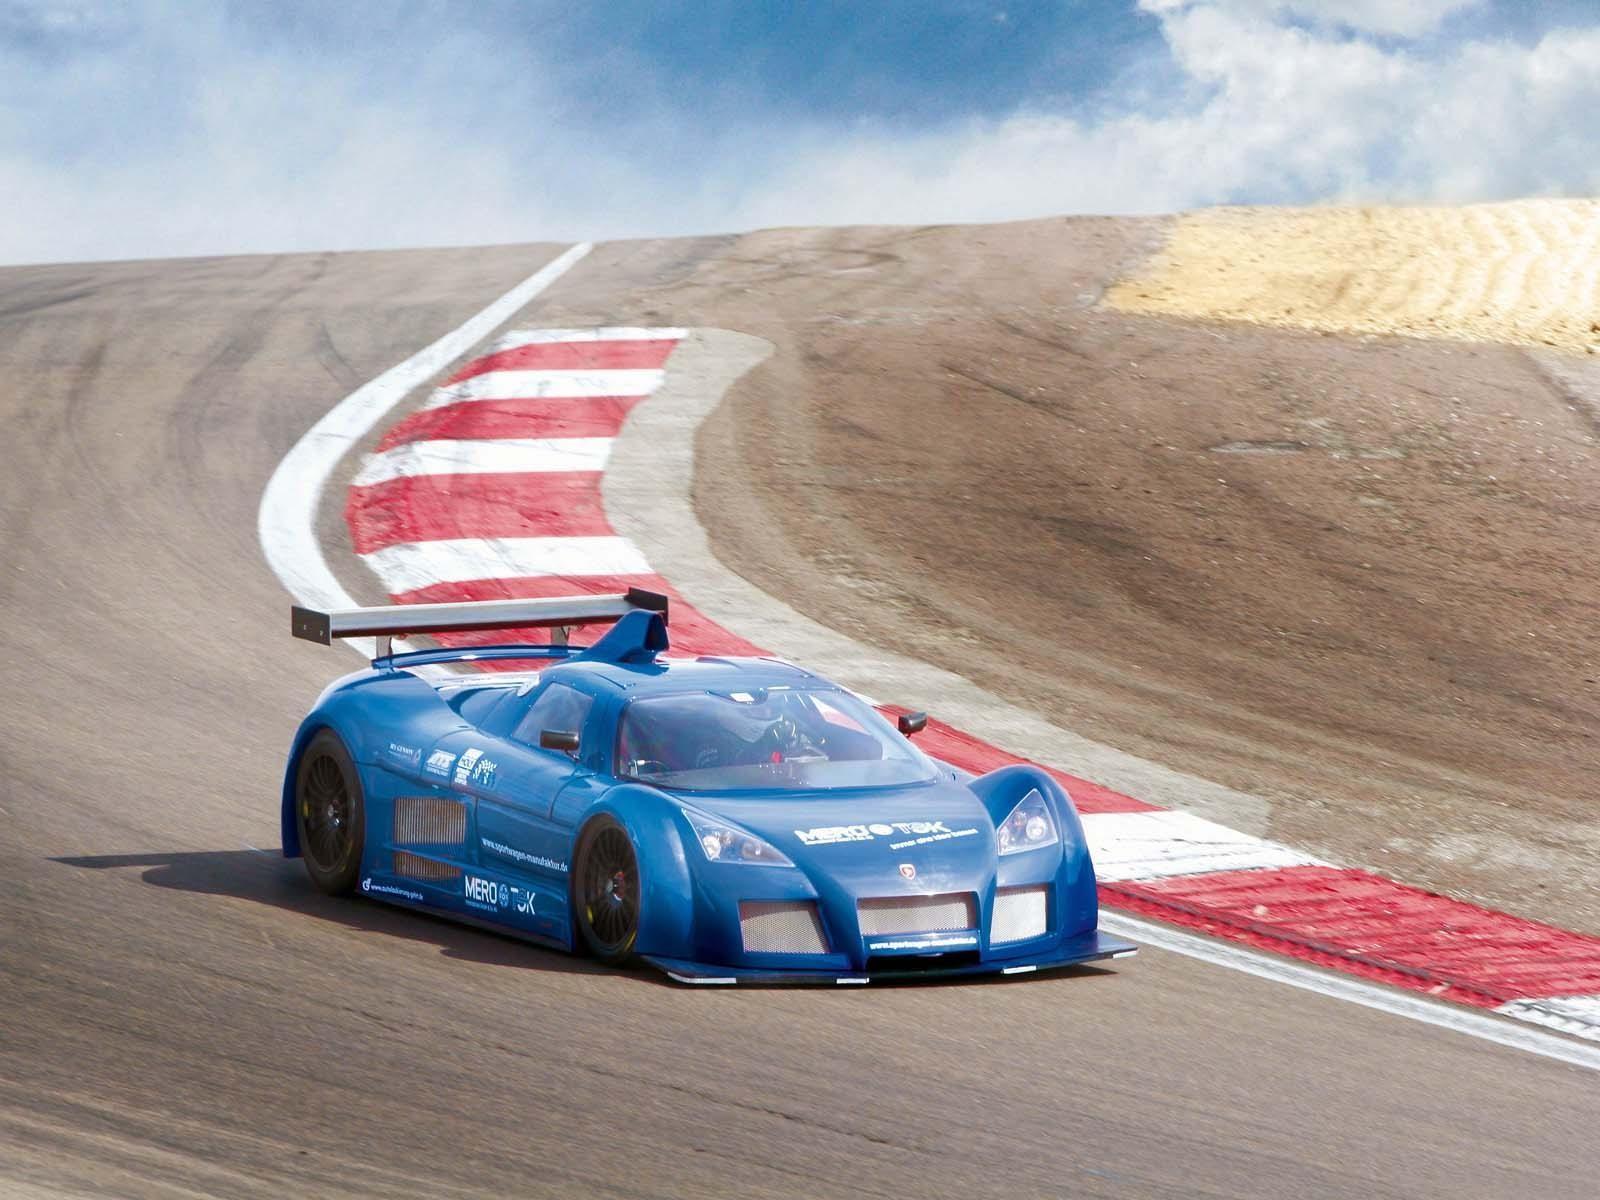 apollo sports car - HD1200×900